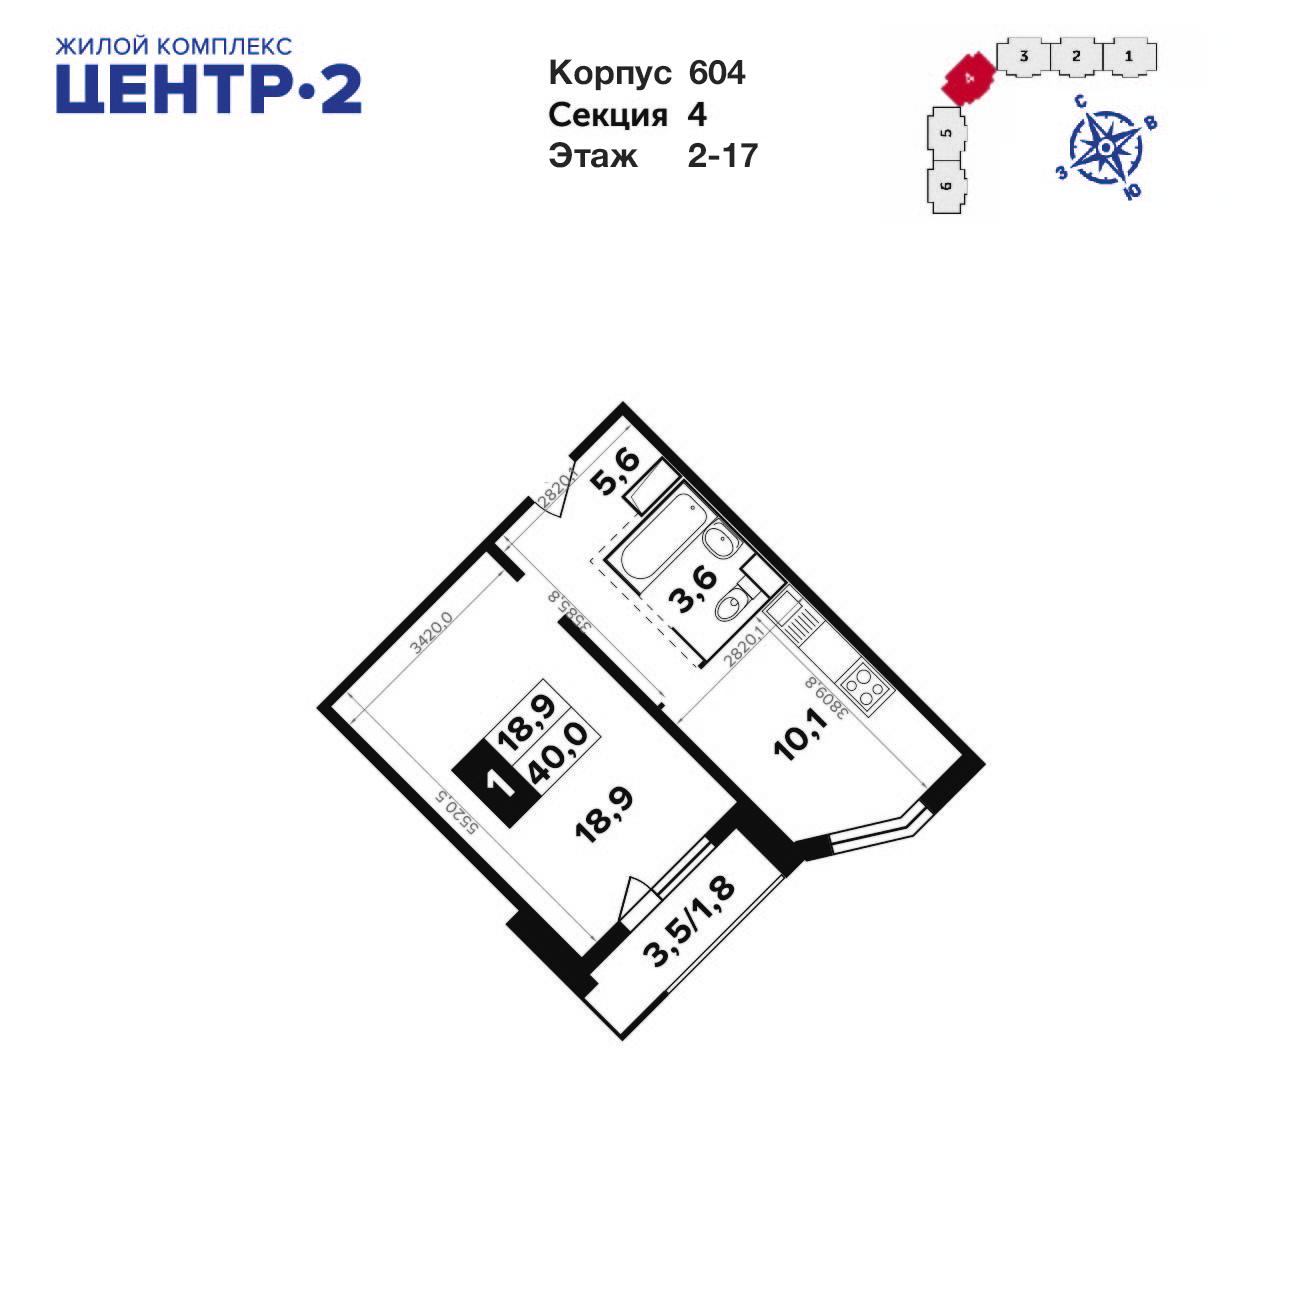 1-комнатная квартира, 39.8м² за 4,5 млн руб.